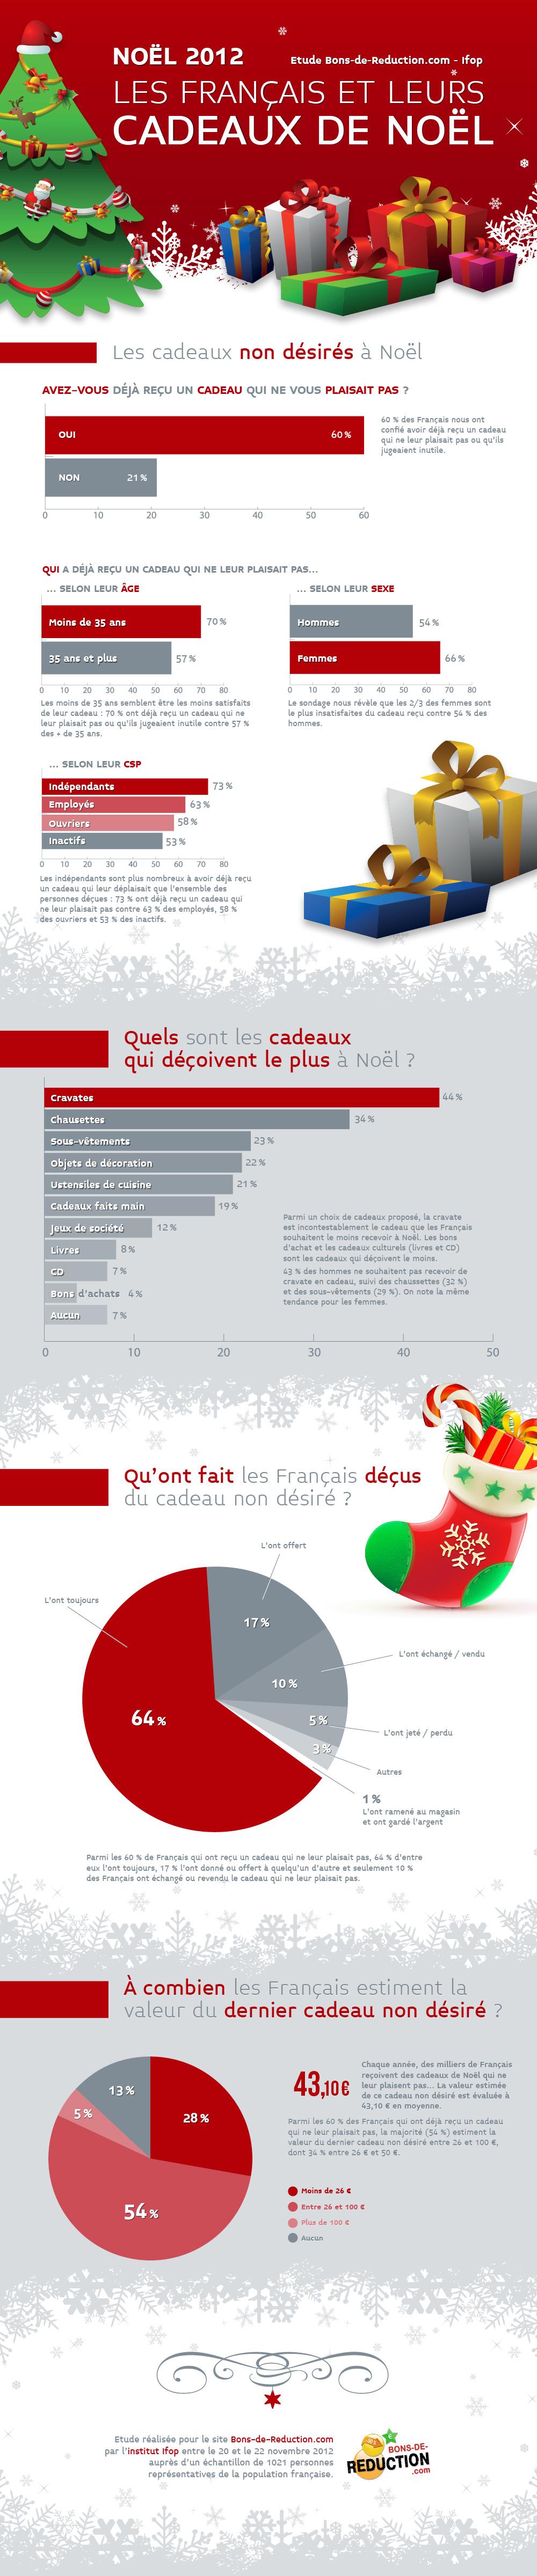 Infographie] Les français et leurs cadeaux de Noël | Infographic